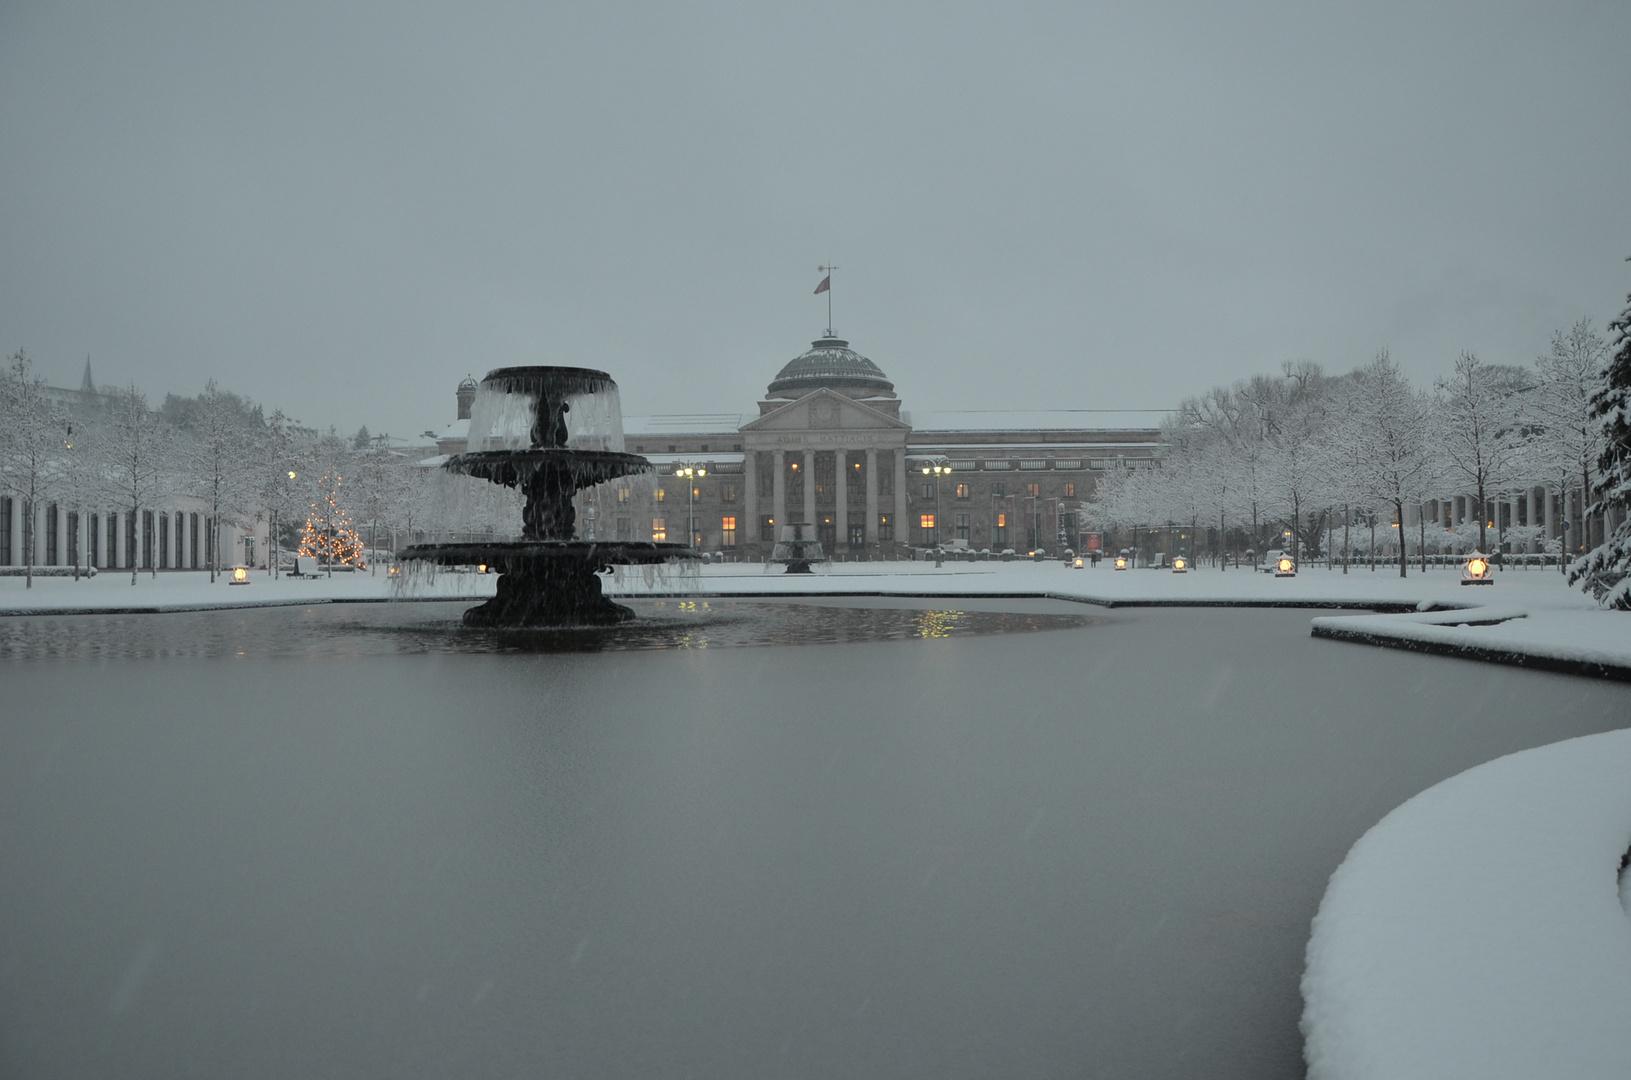 Kurhaus im Schnee, ist immer wieder schee